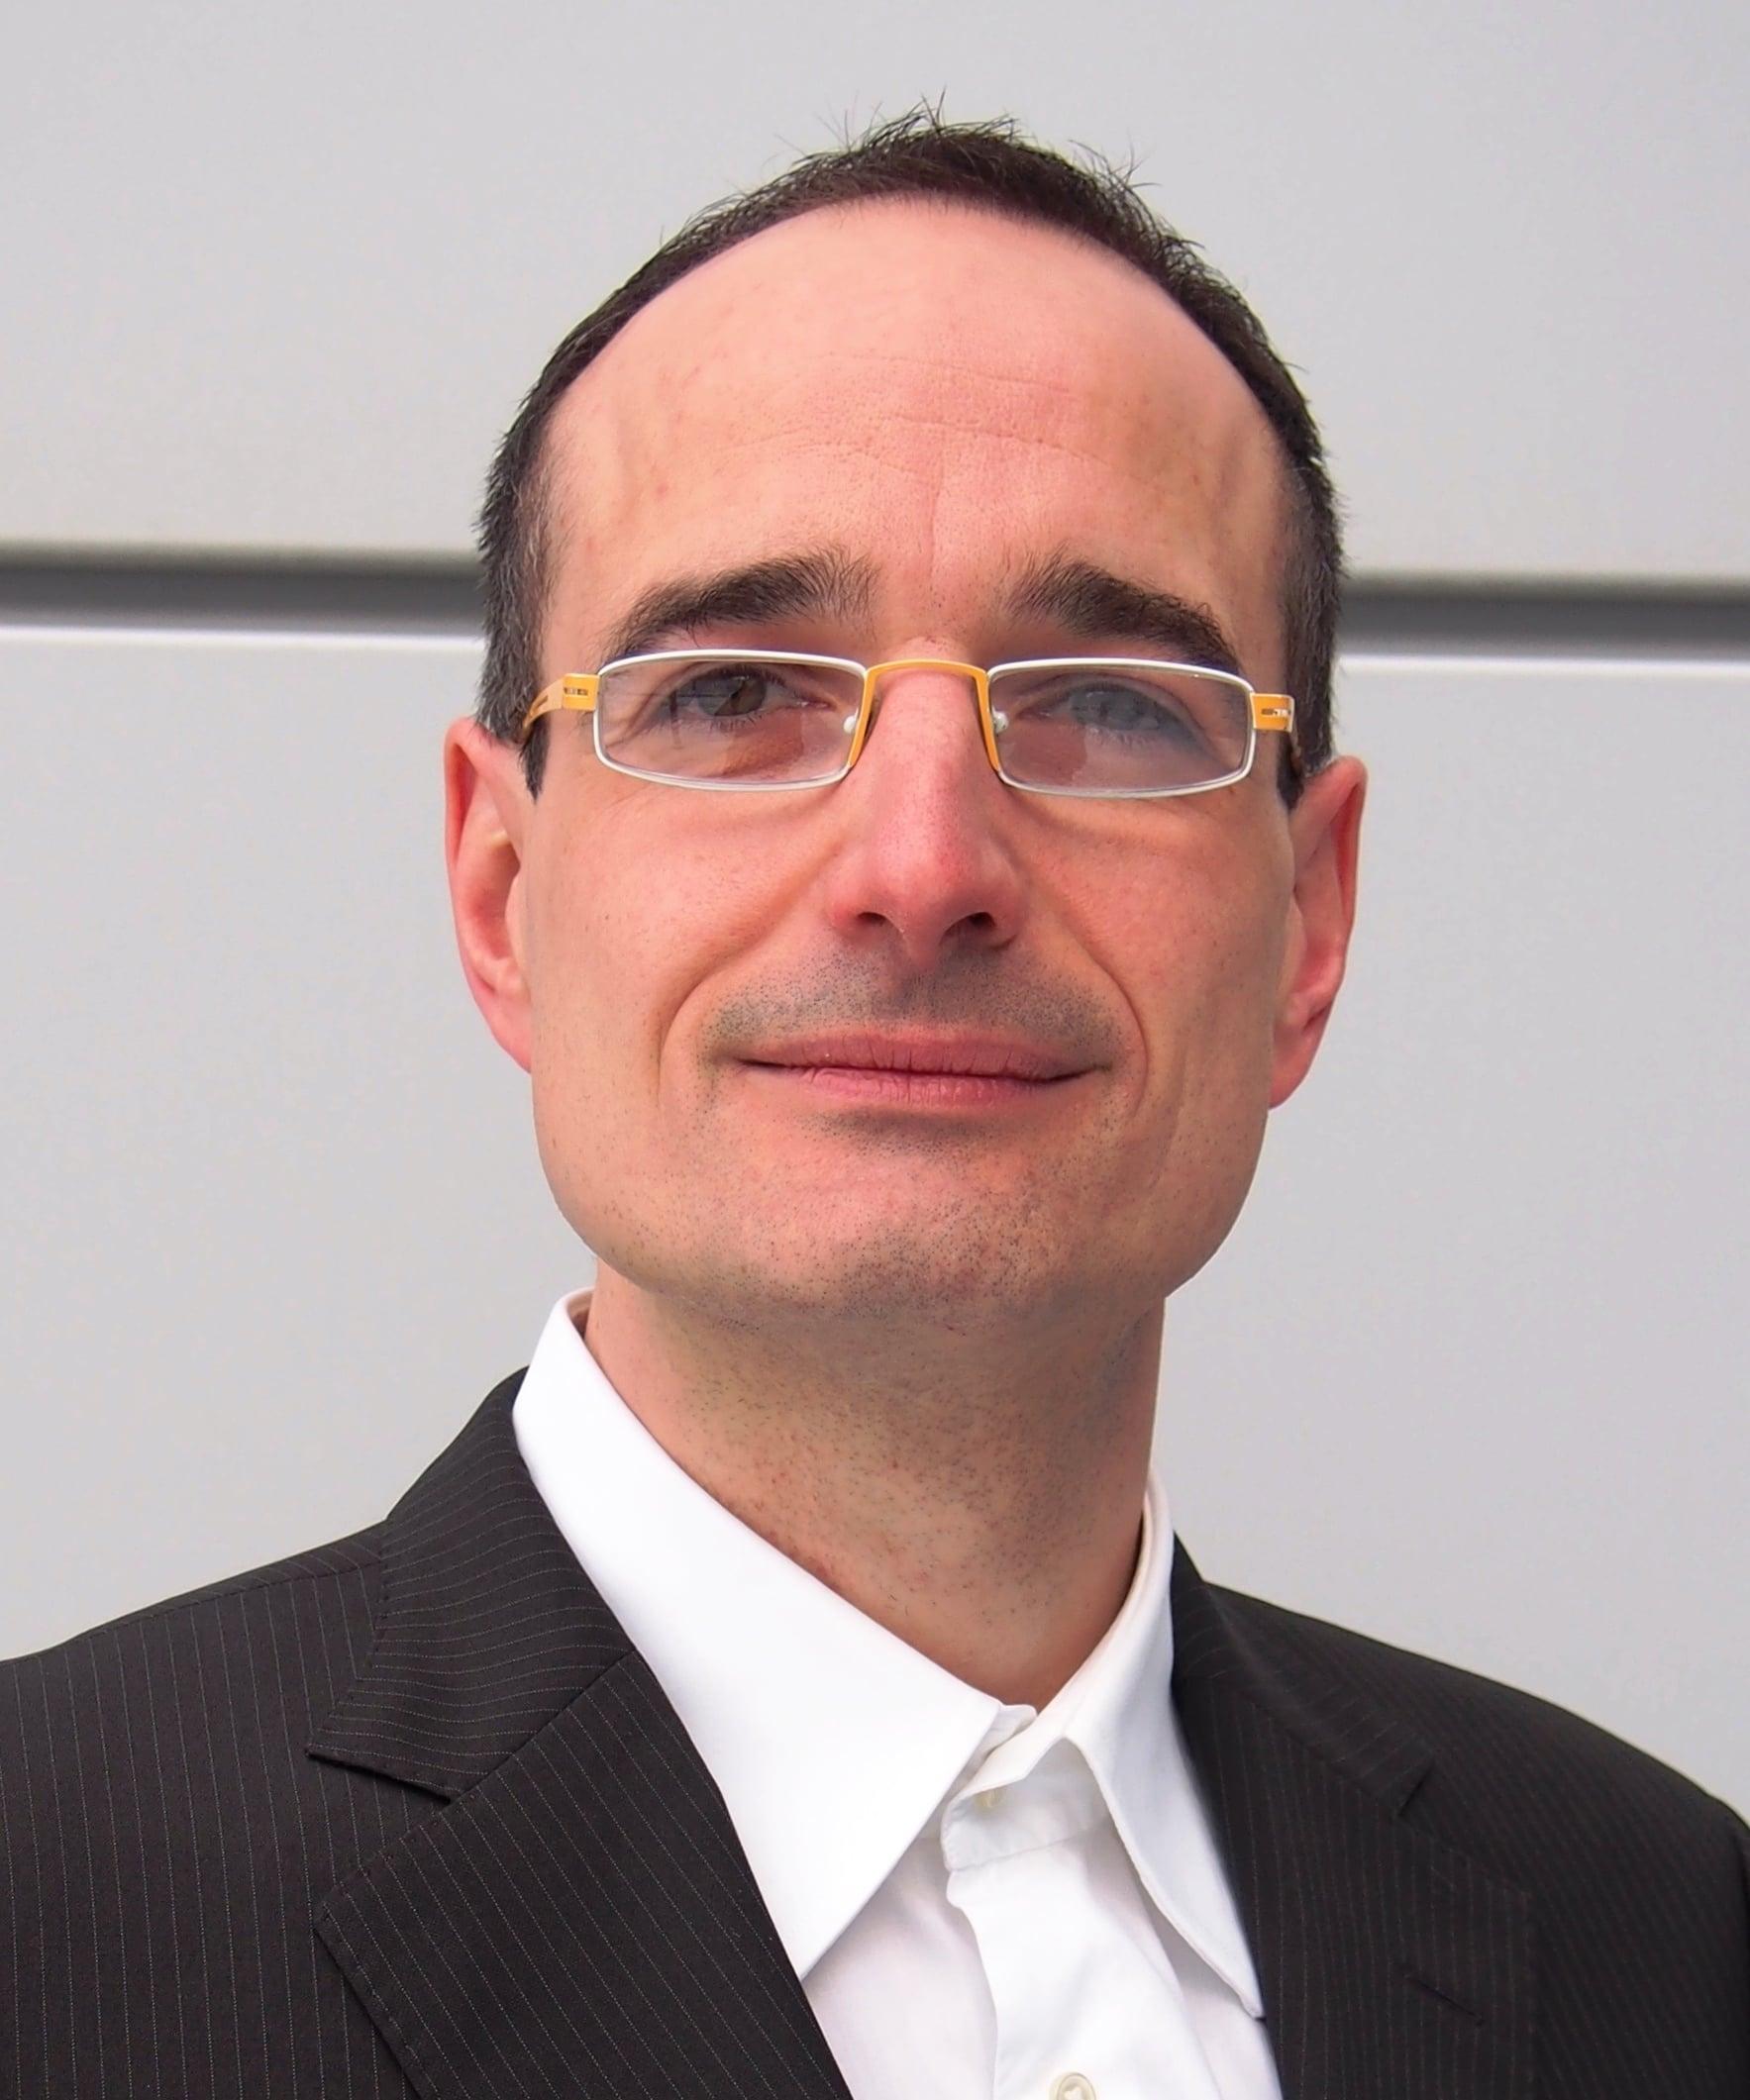 Sven Ruhl